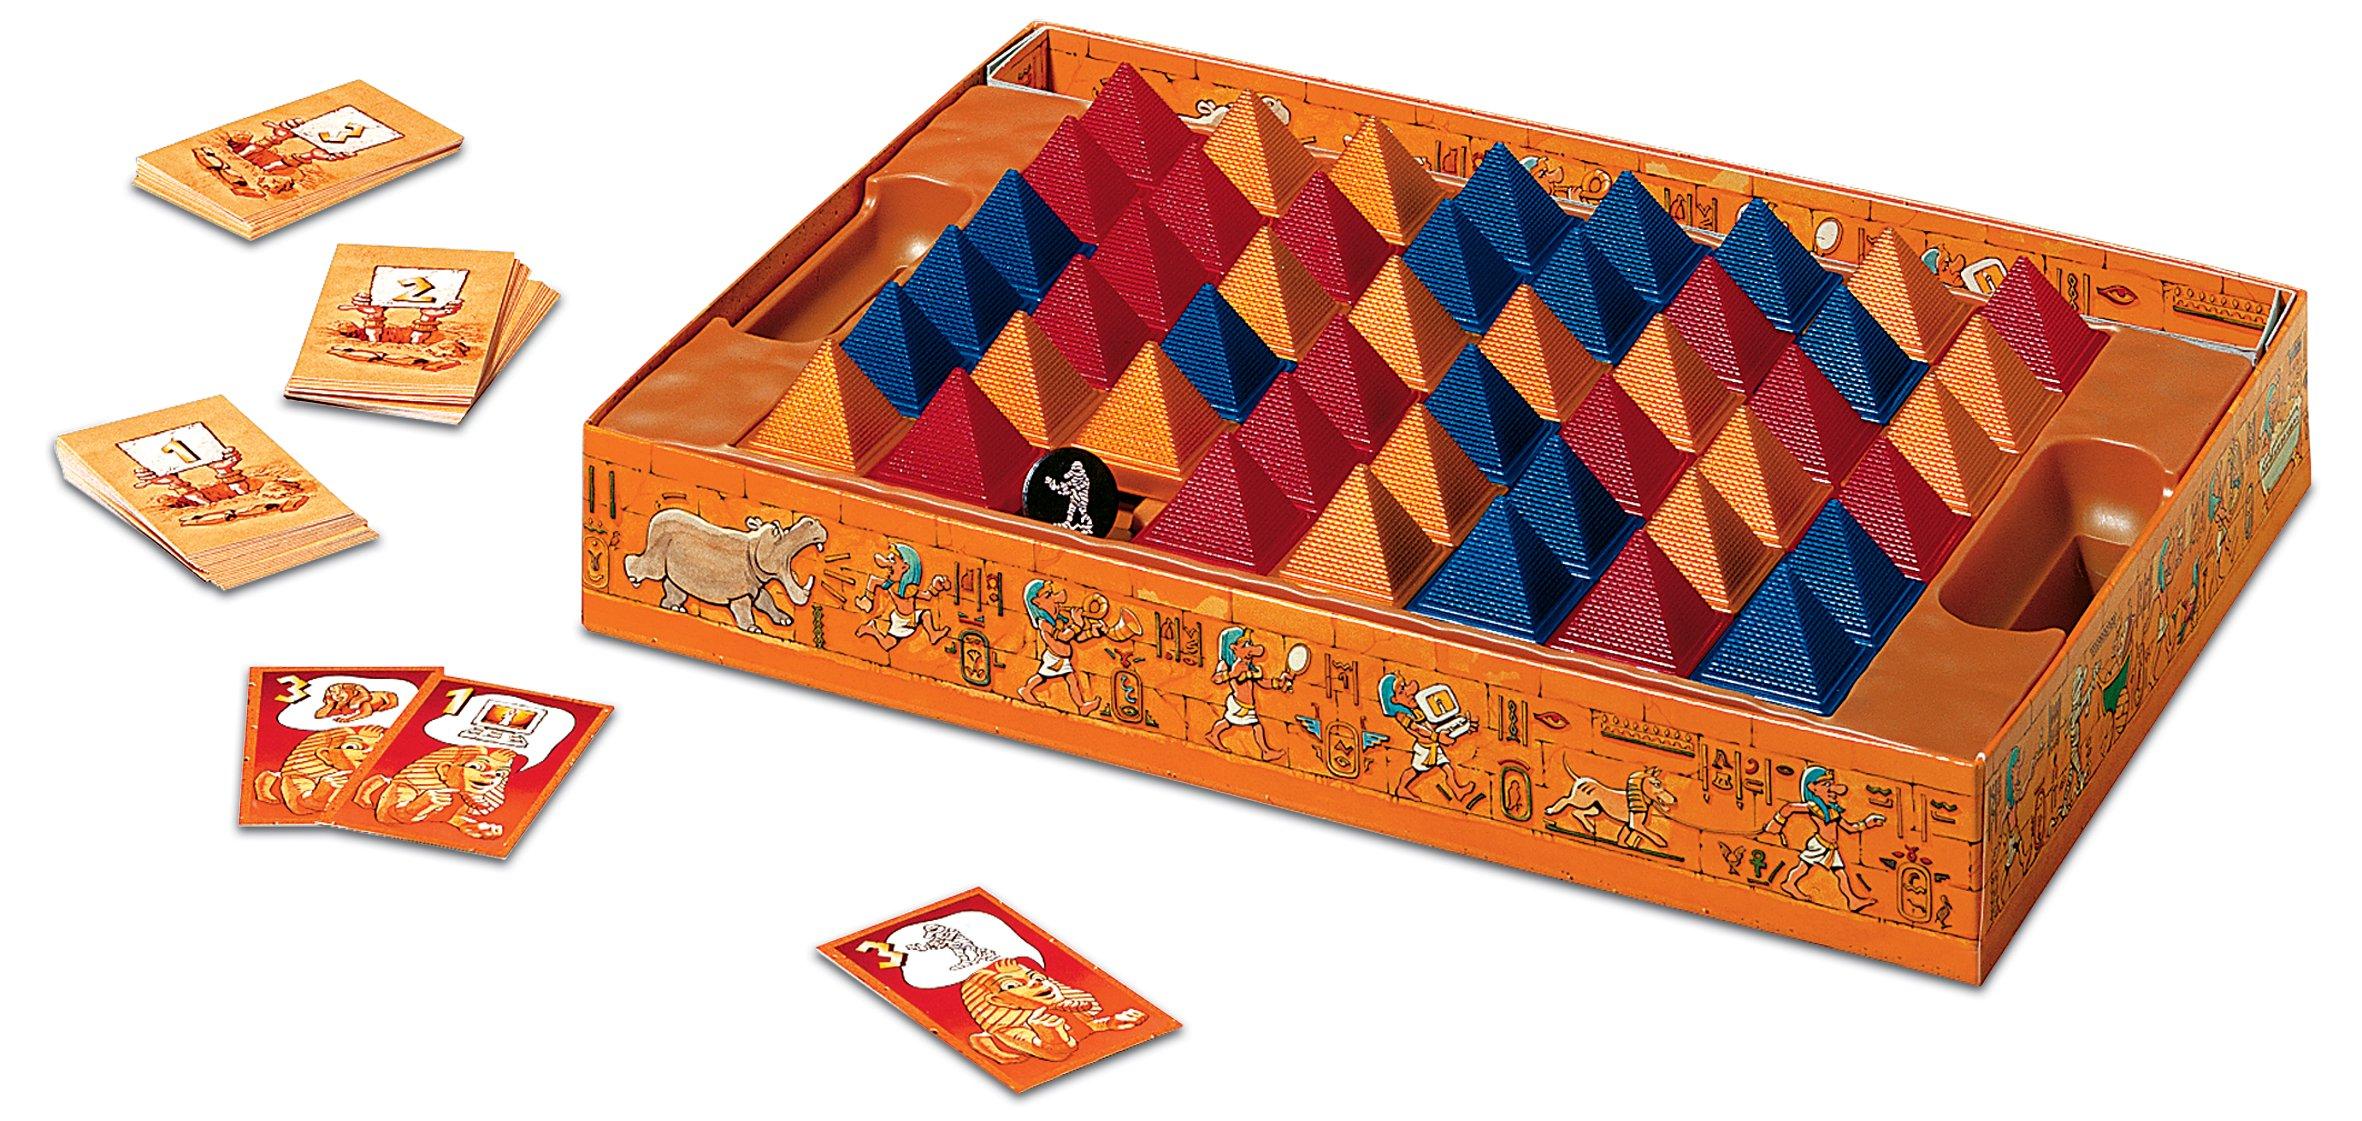 Ravensburger 26718 Faraon, Gioco da Tavolo, per 1-5 Giocatori, età Consigliata 7+ 5 spesavip